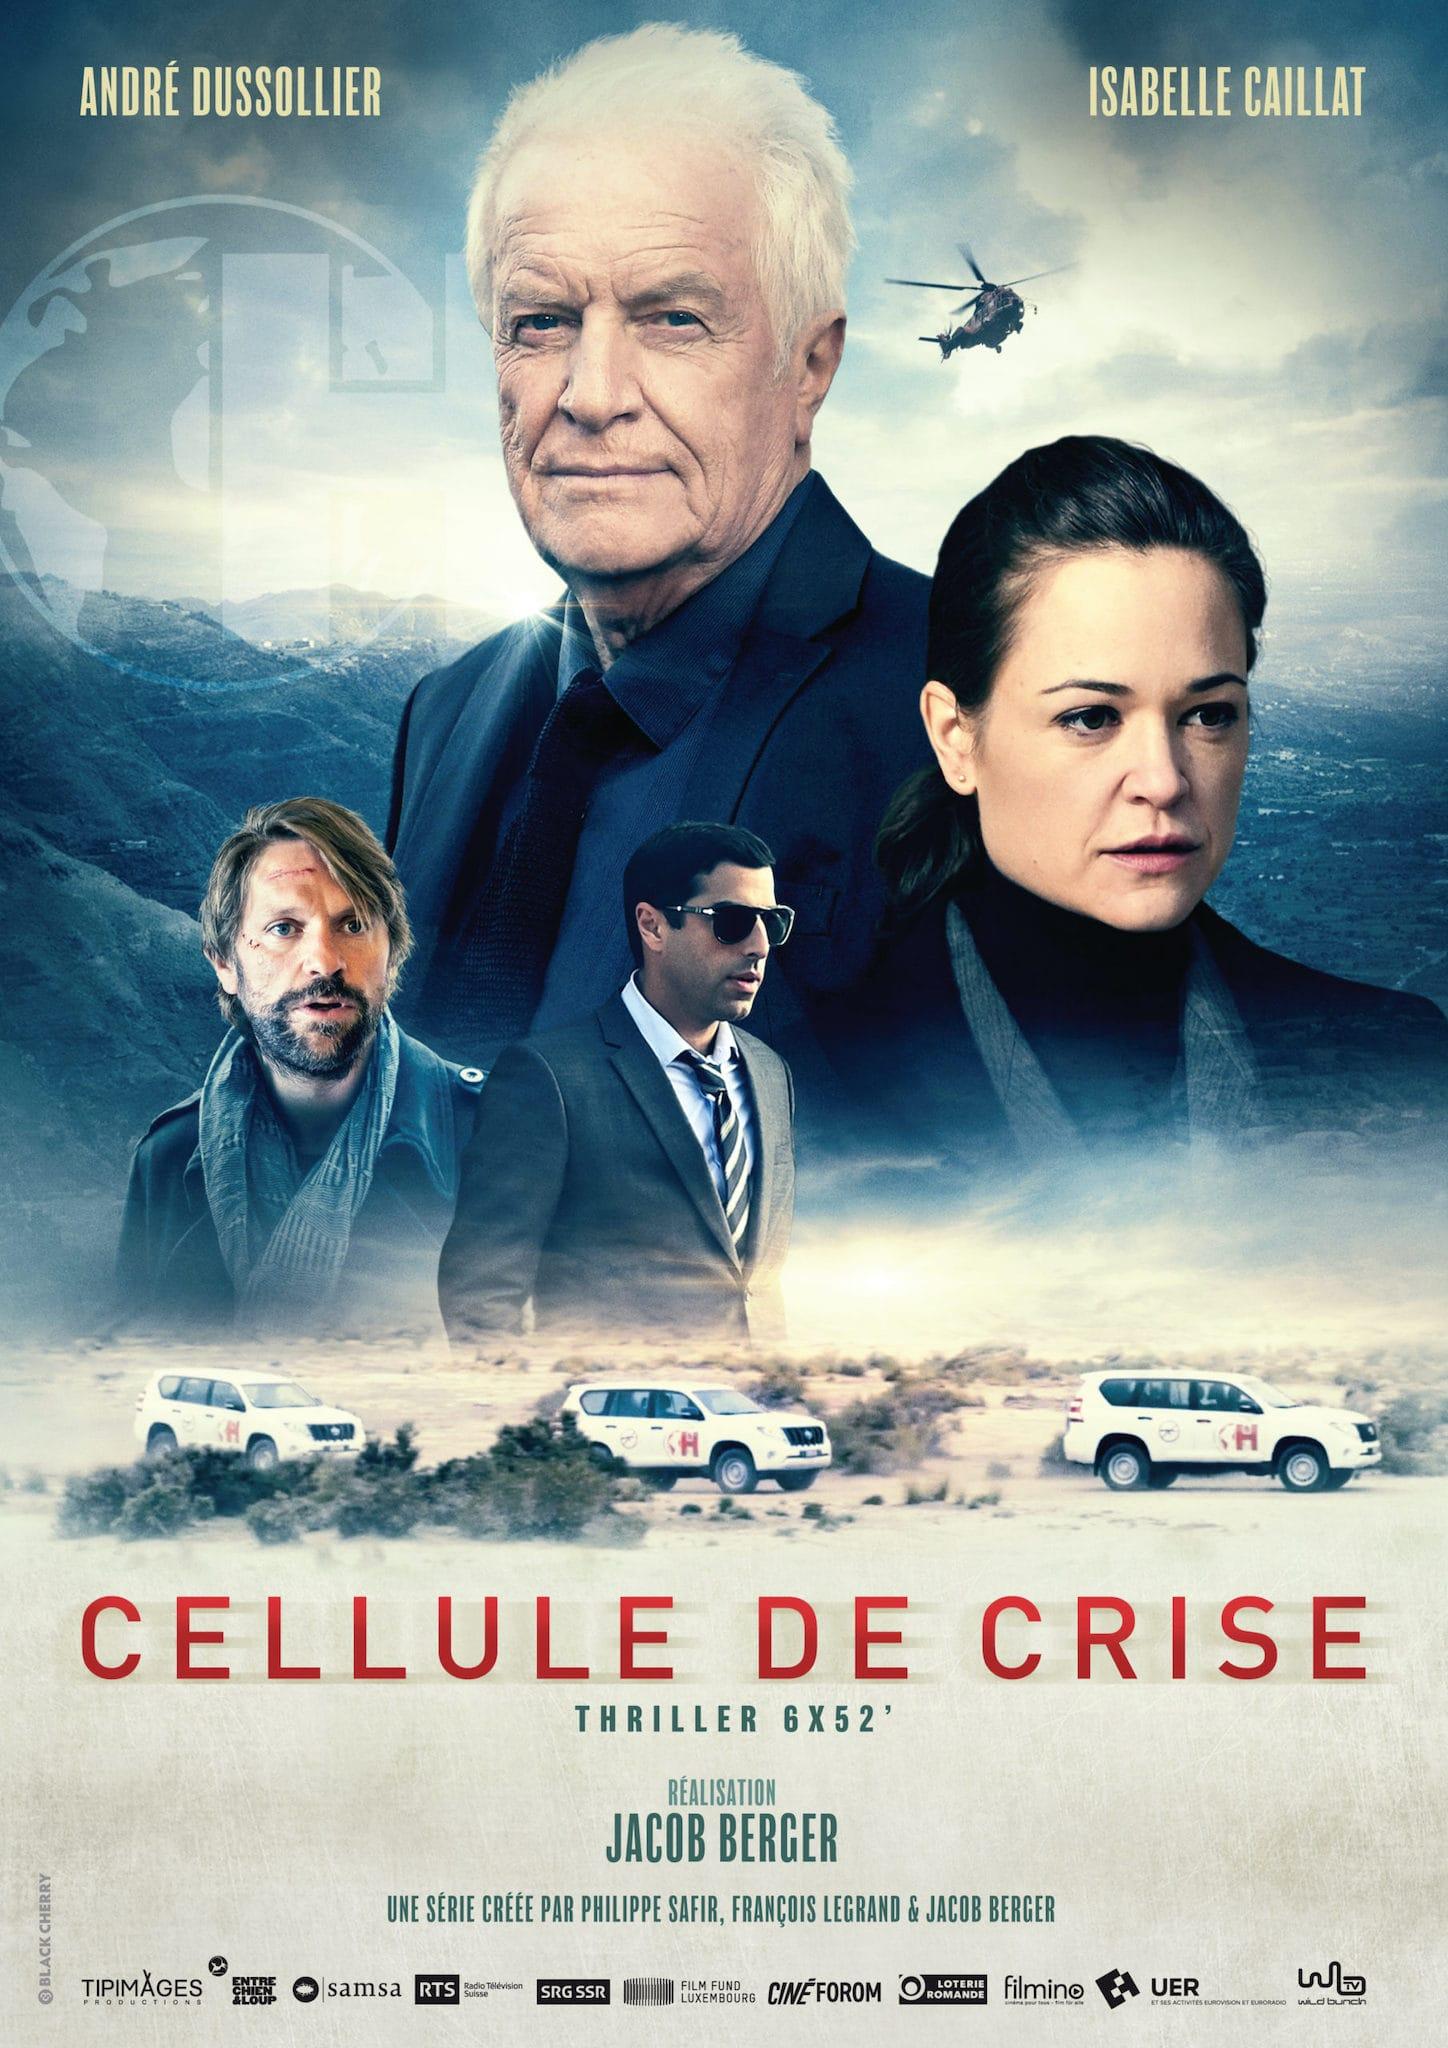 Cellule de crise de Philippe Safir, François Legrand et Jacob Berger affiche série télé